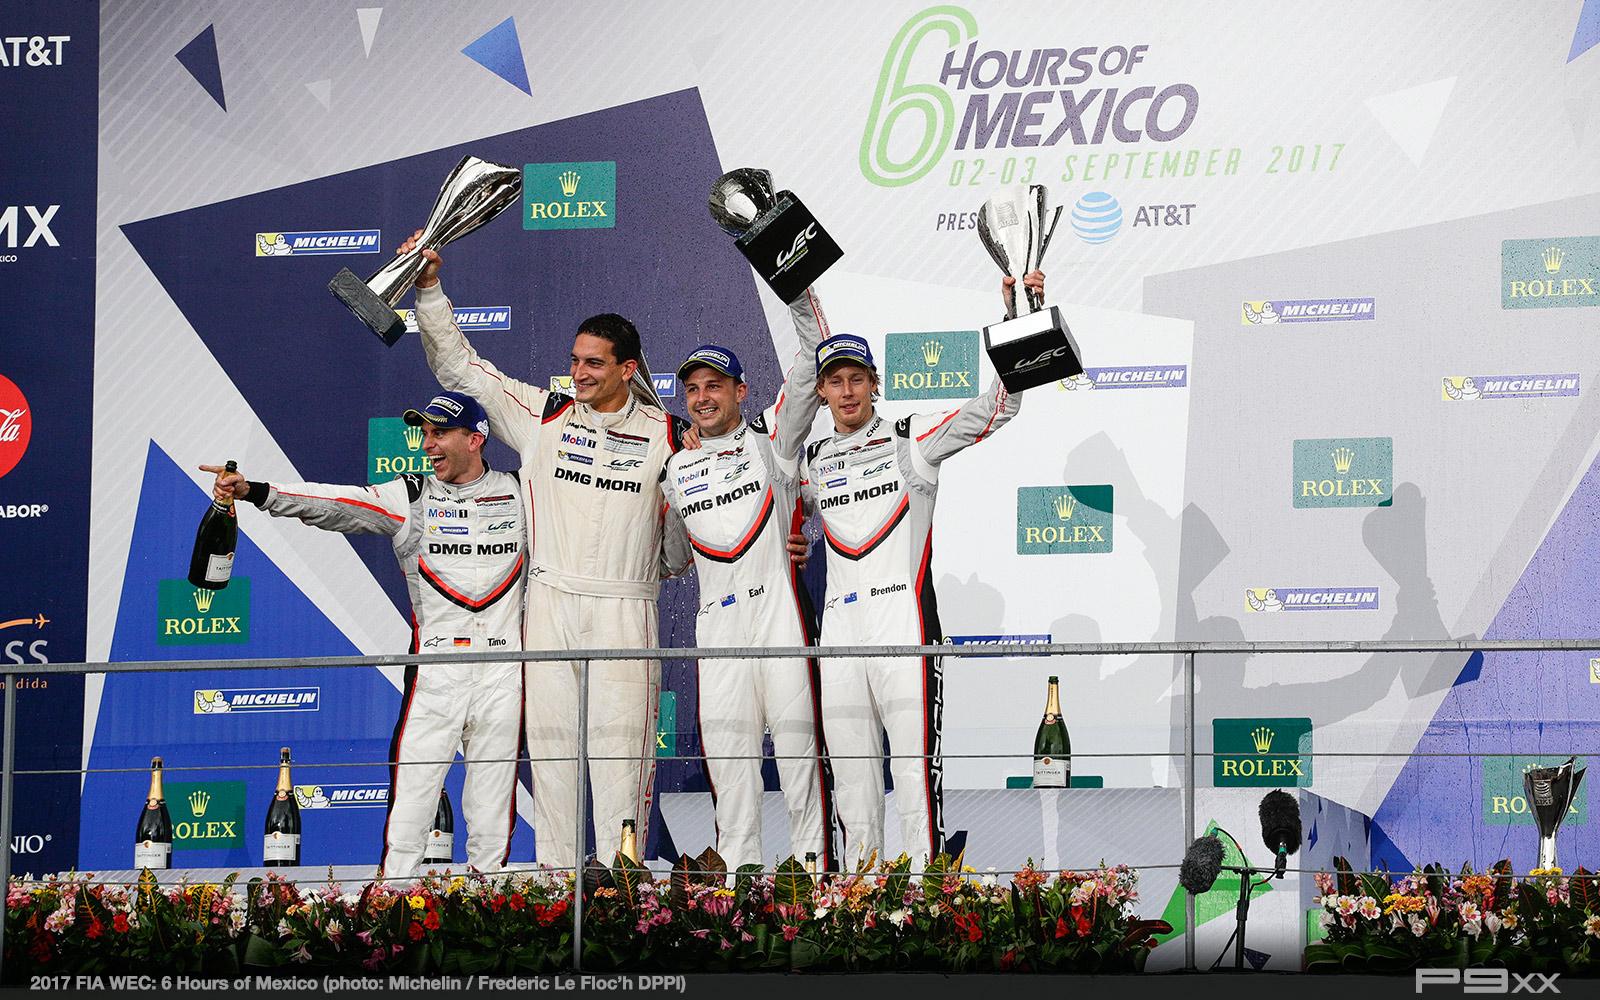 2017-FIA-WEC-6-HOURS-MEXICO-PORSCHE-exico_FLF_02117008_532081279